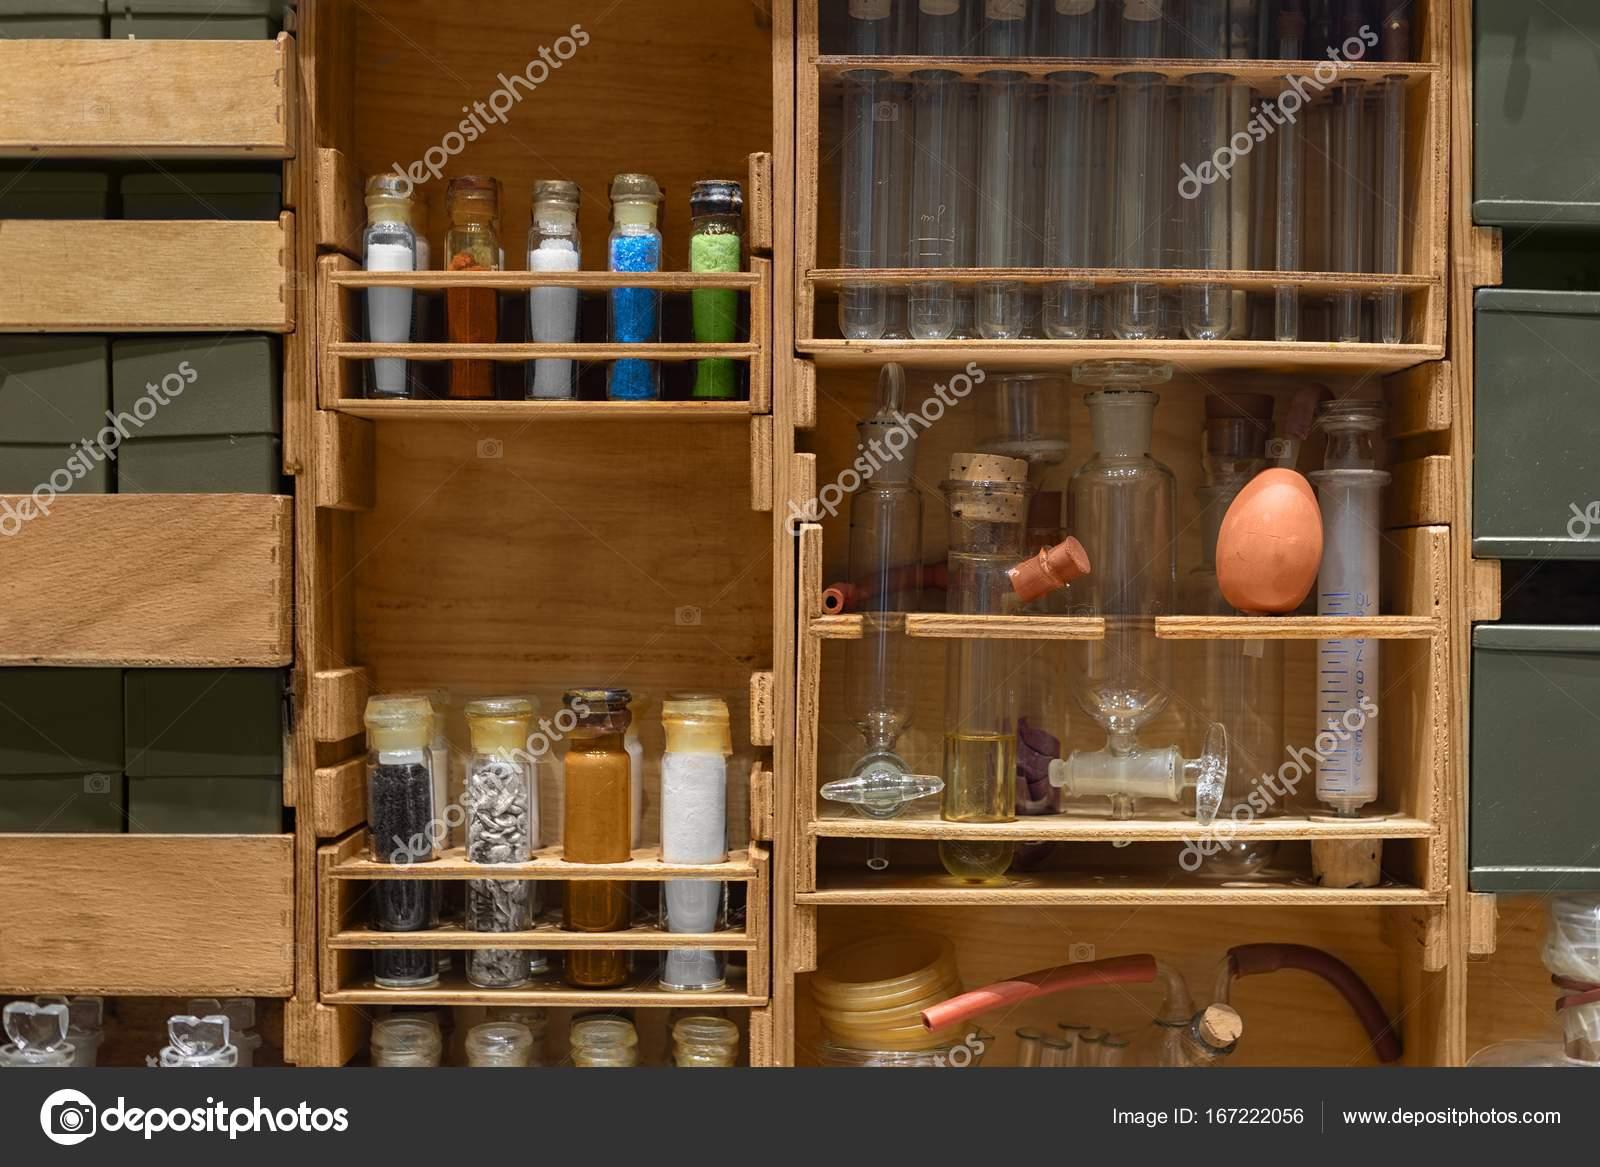 Banco Di Lavoro Per Laboratorio Chimico : Vecchio banco da lavoro scienza con componenti chimici u foto